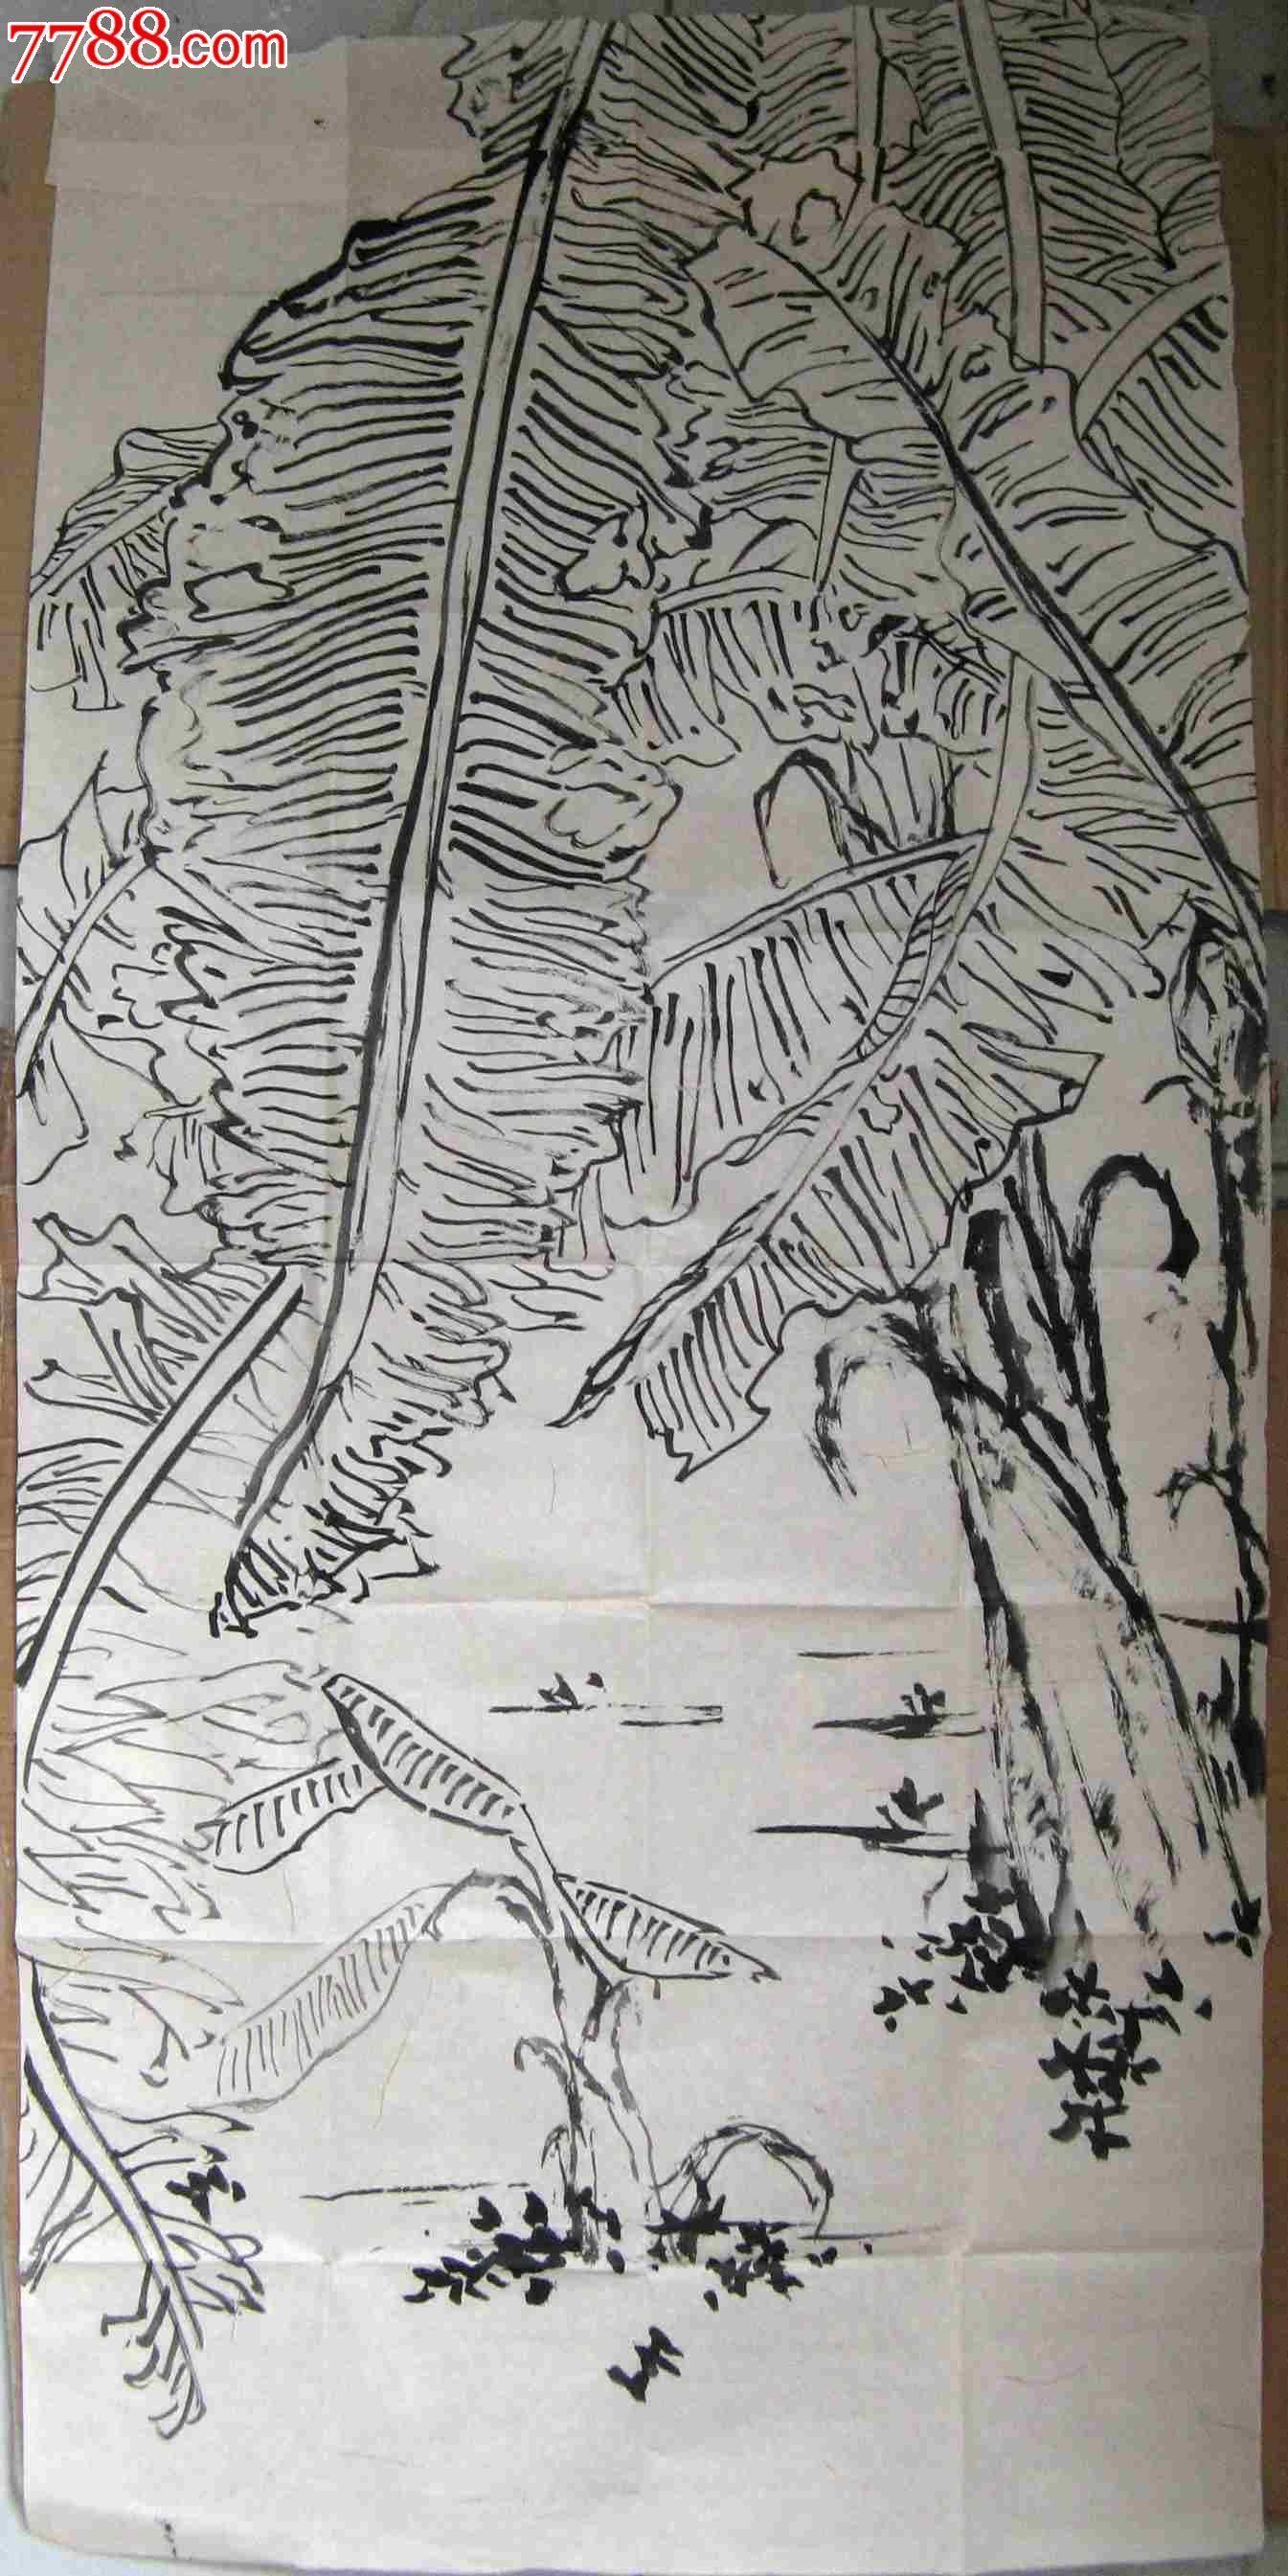 清幽雅致的四尺条幅无款芭蕉树画:晴日蕉荫